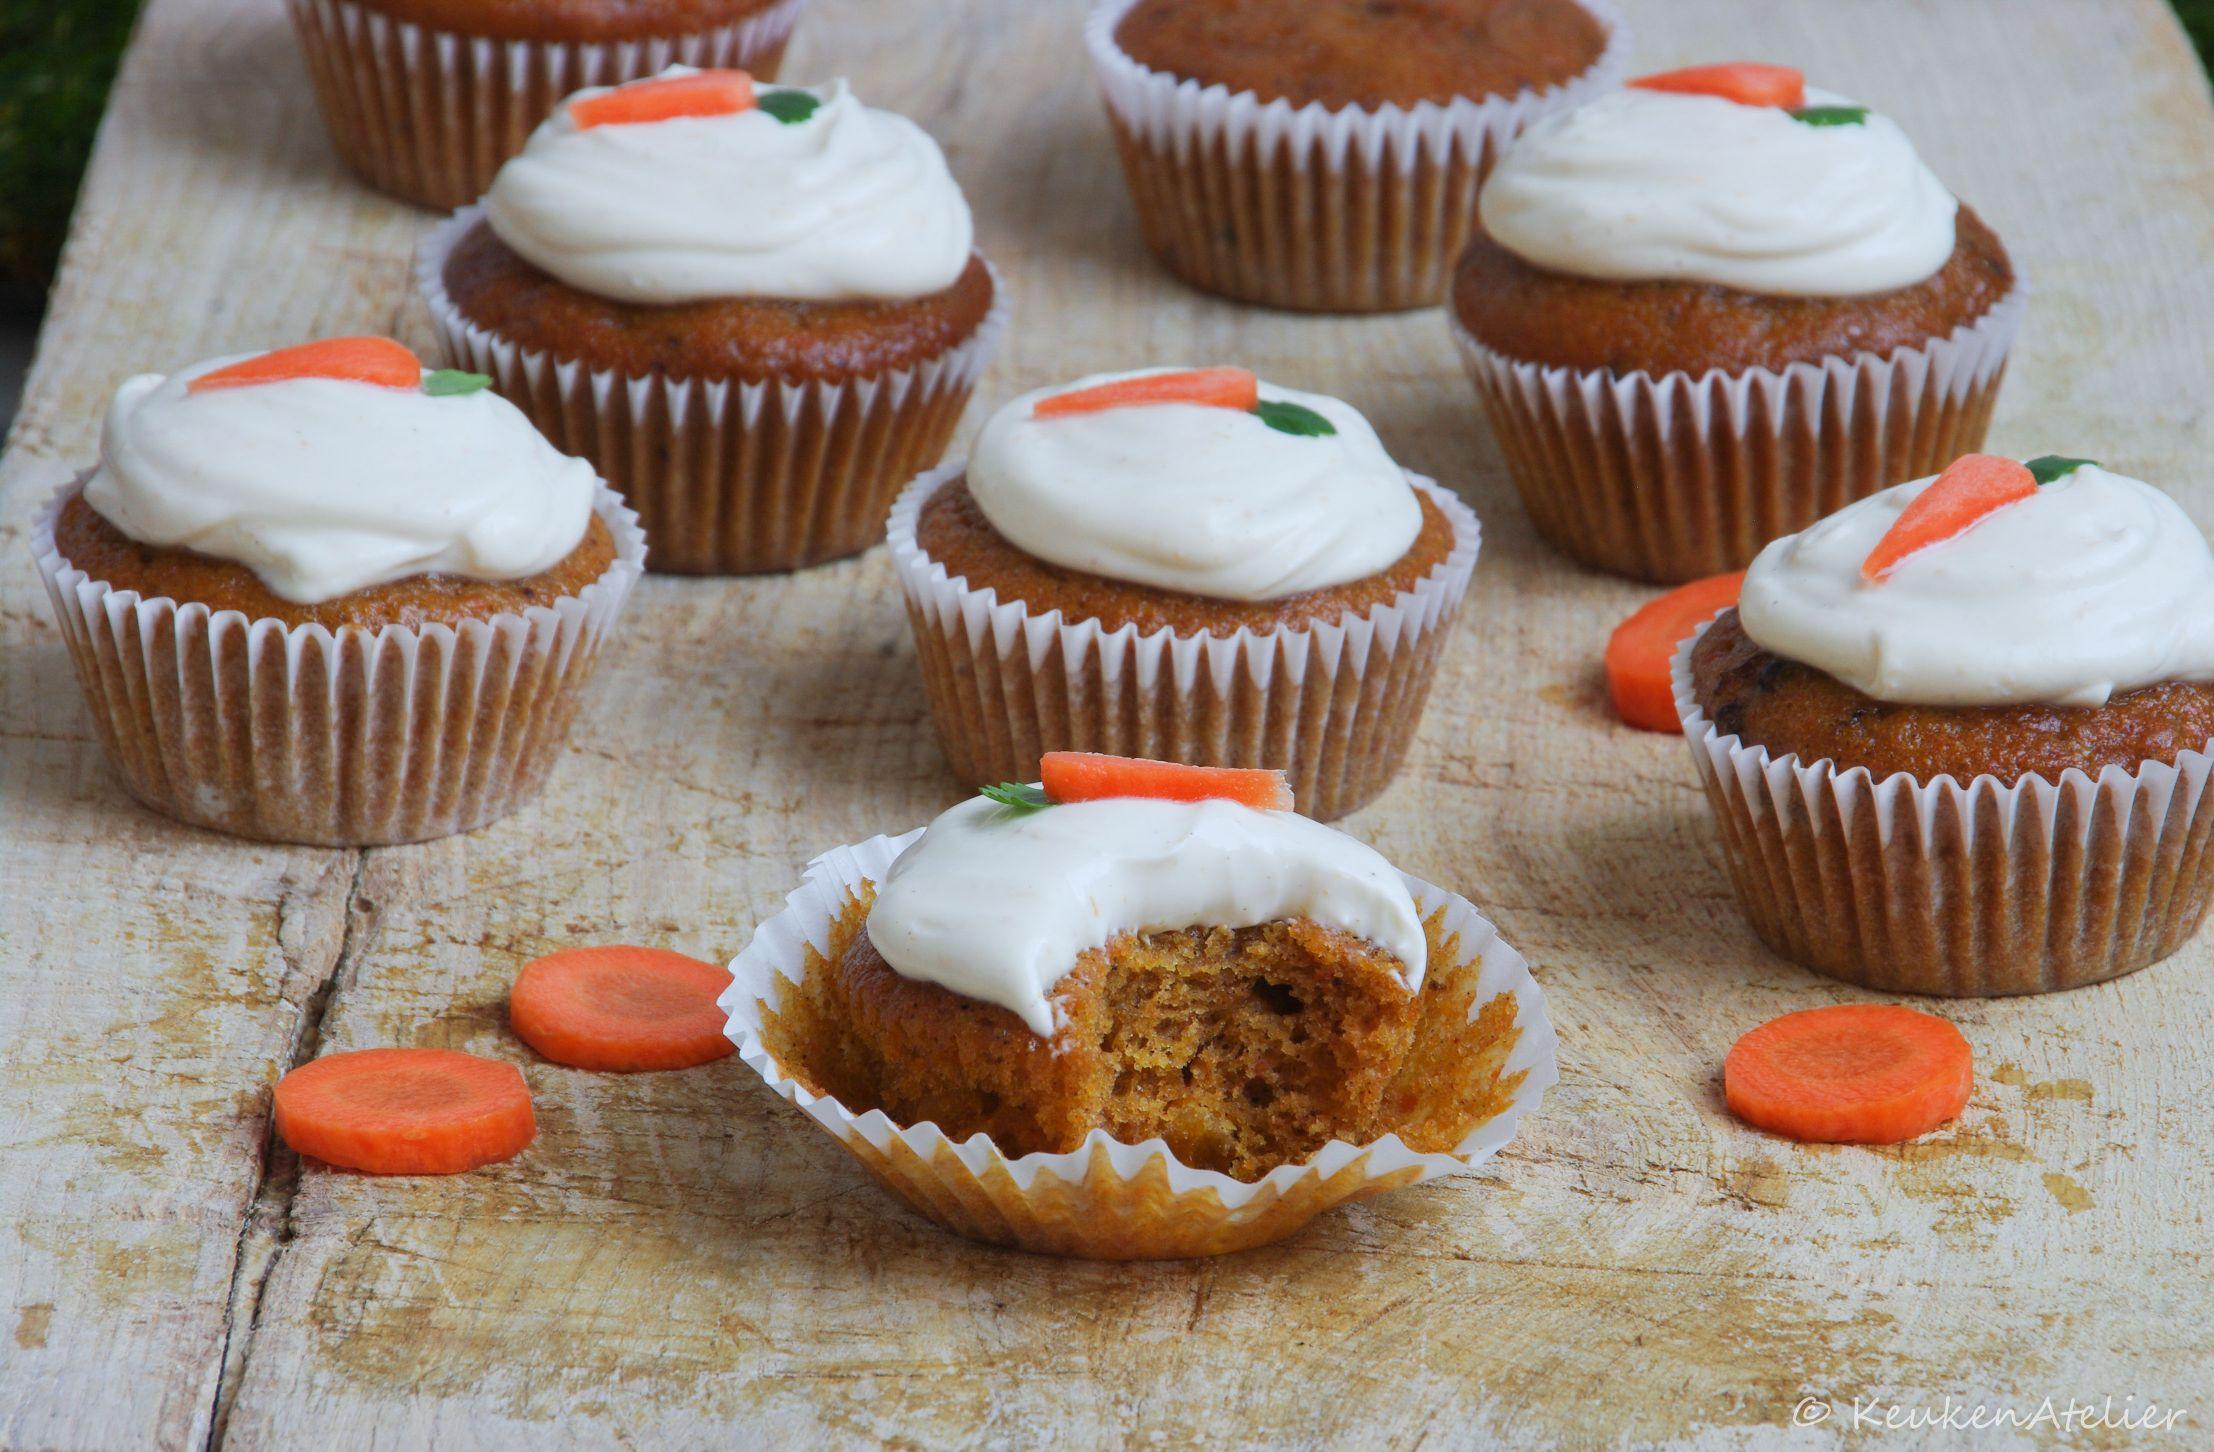 carrot cupcake met abrikoos en sinaasappel 2